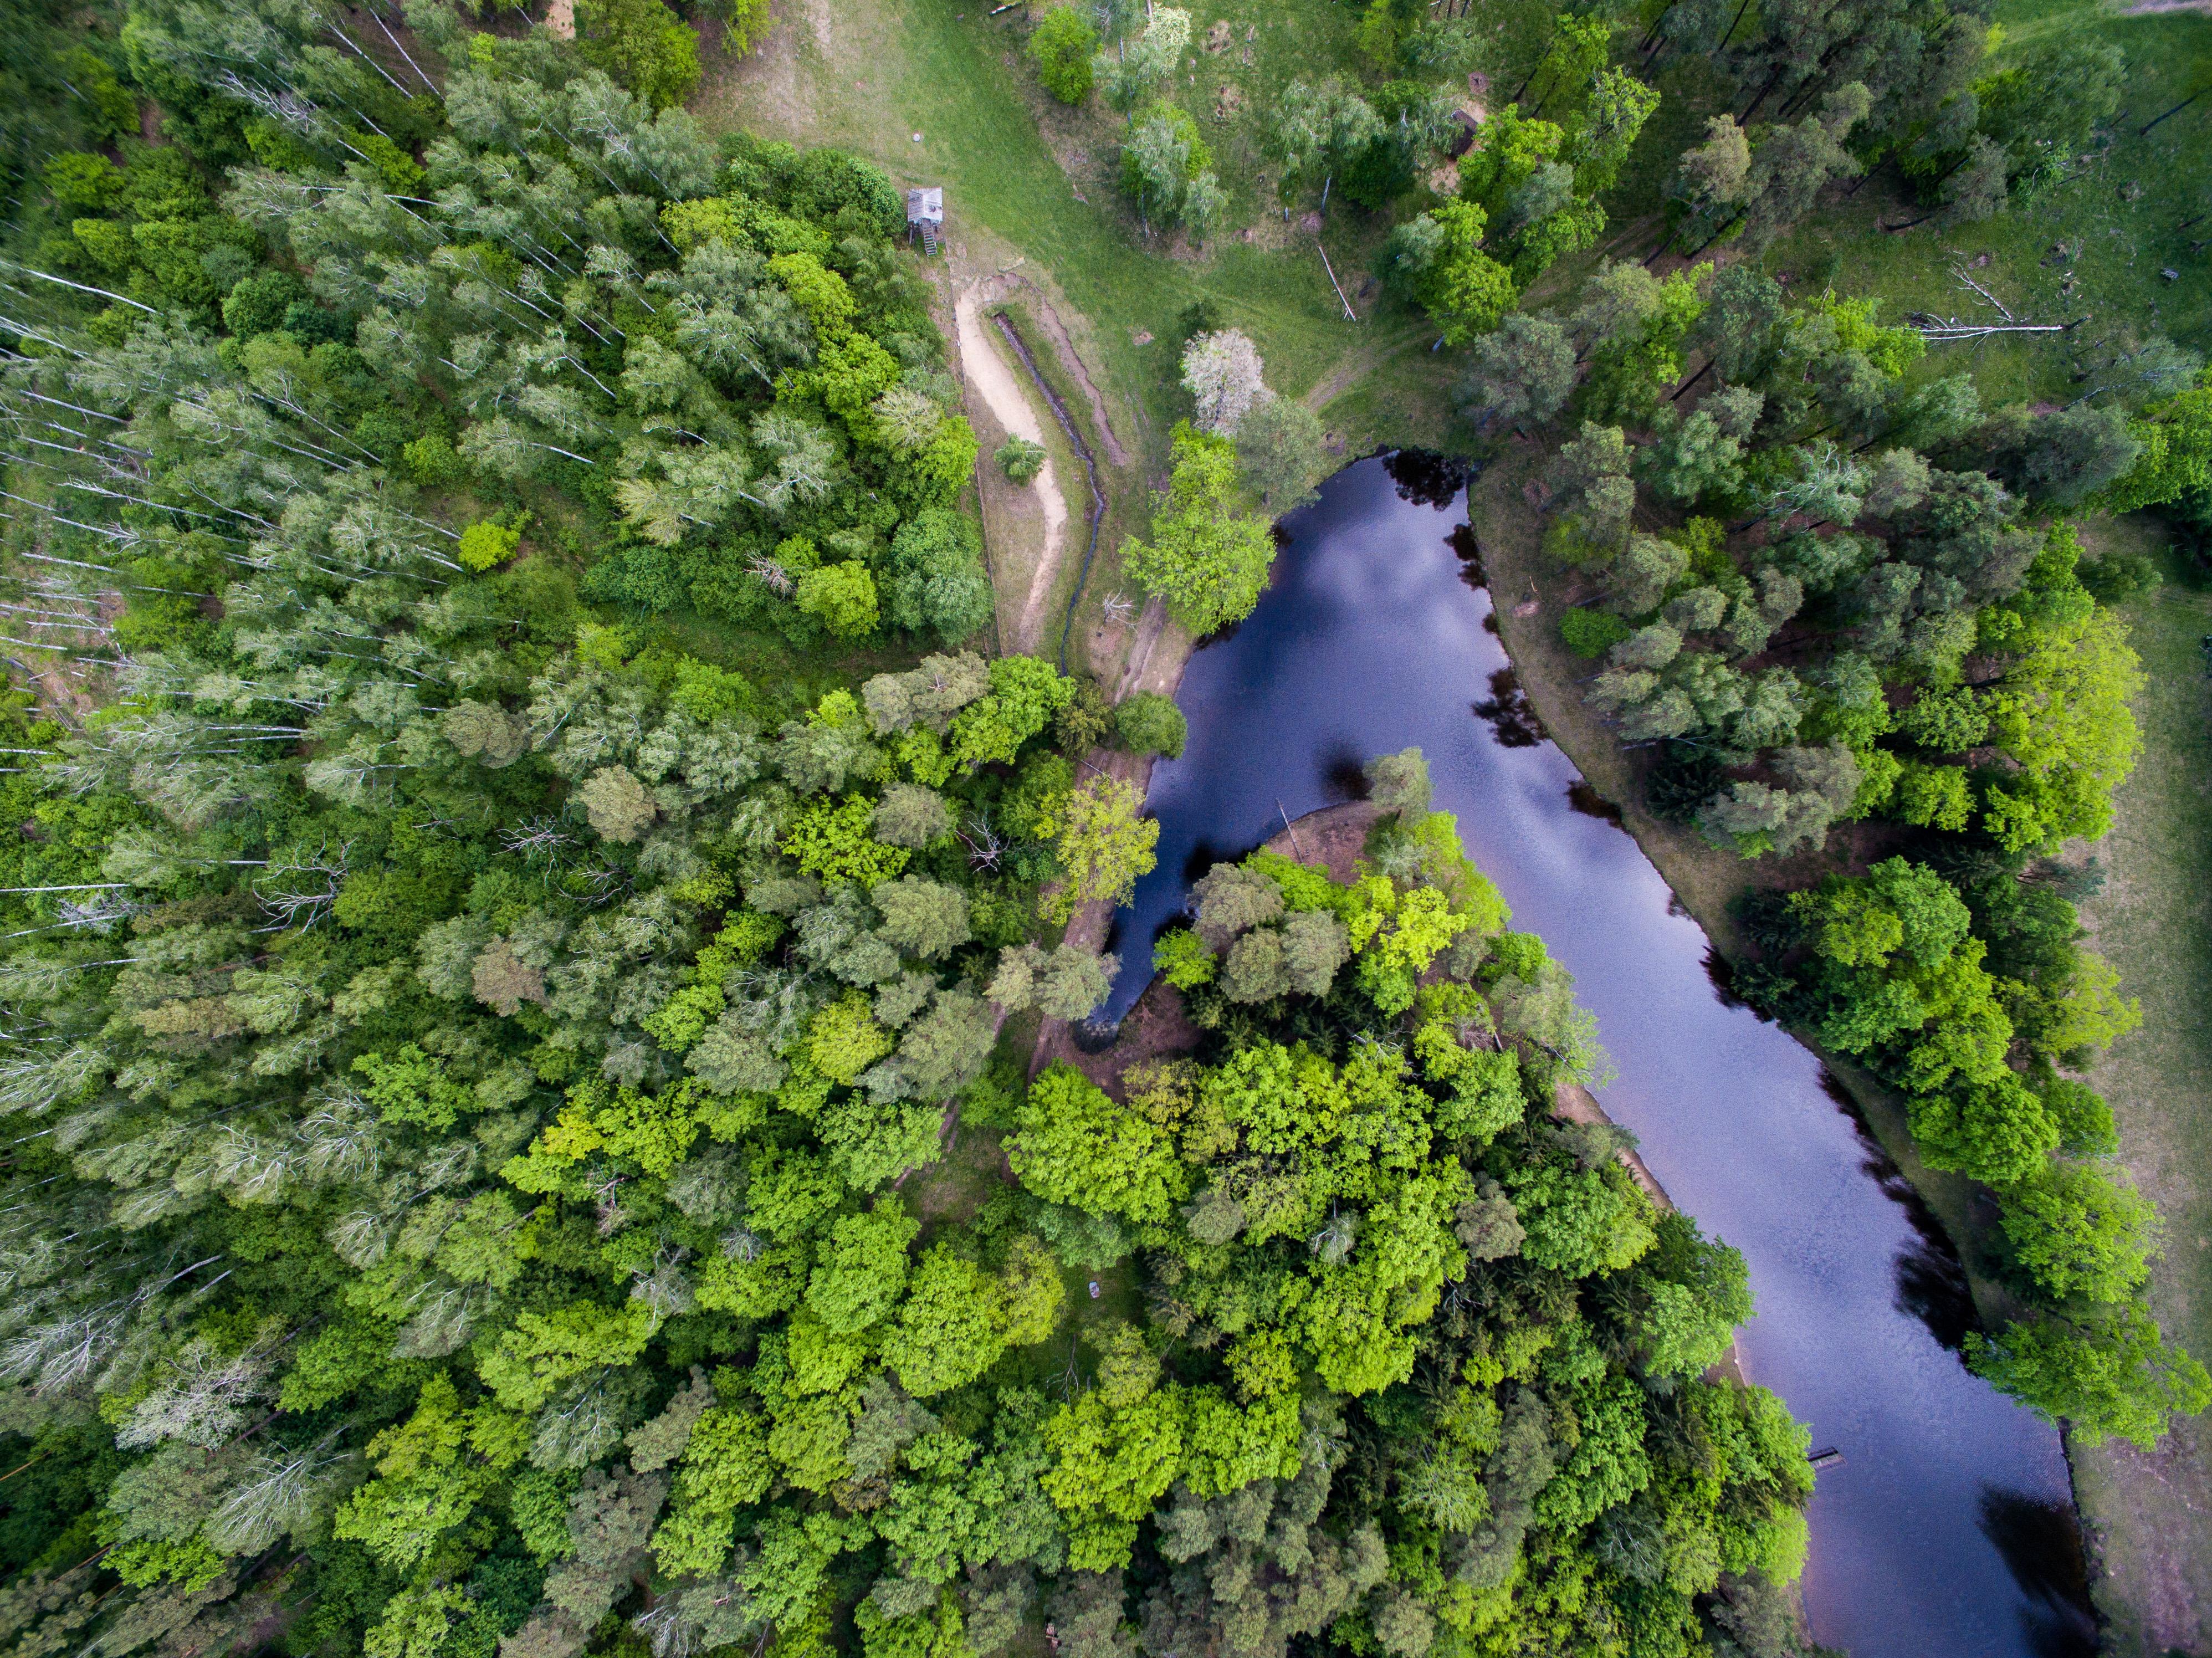 Krekenavos regioninis parkas įkurtas saugoti Nevėžio upei ir anksčiau jos sukurtoms senvagėms. Senvagėmis galite pasigrožėti nuo apžvalgos bokšto, o upės šlaituose auga keliasdešimt saugomų augalų. Šiose teritorijose ganosi ir nedidelė stumbrų banda.